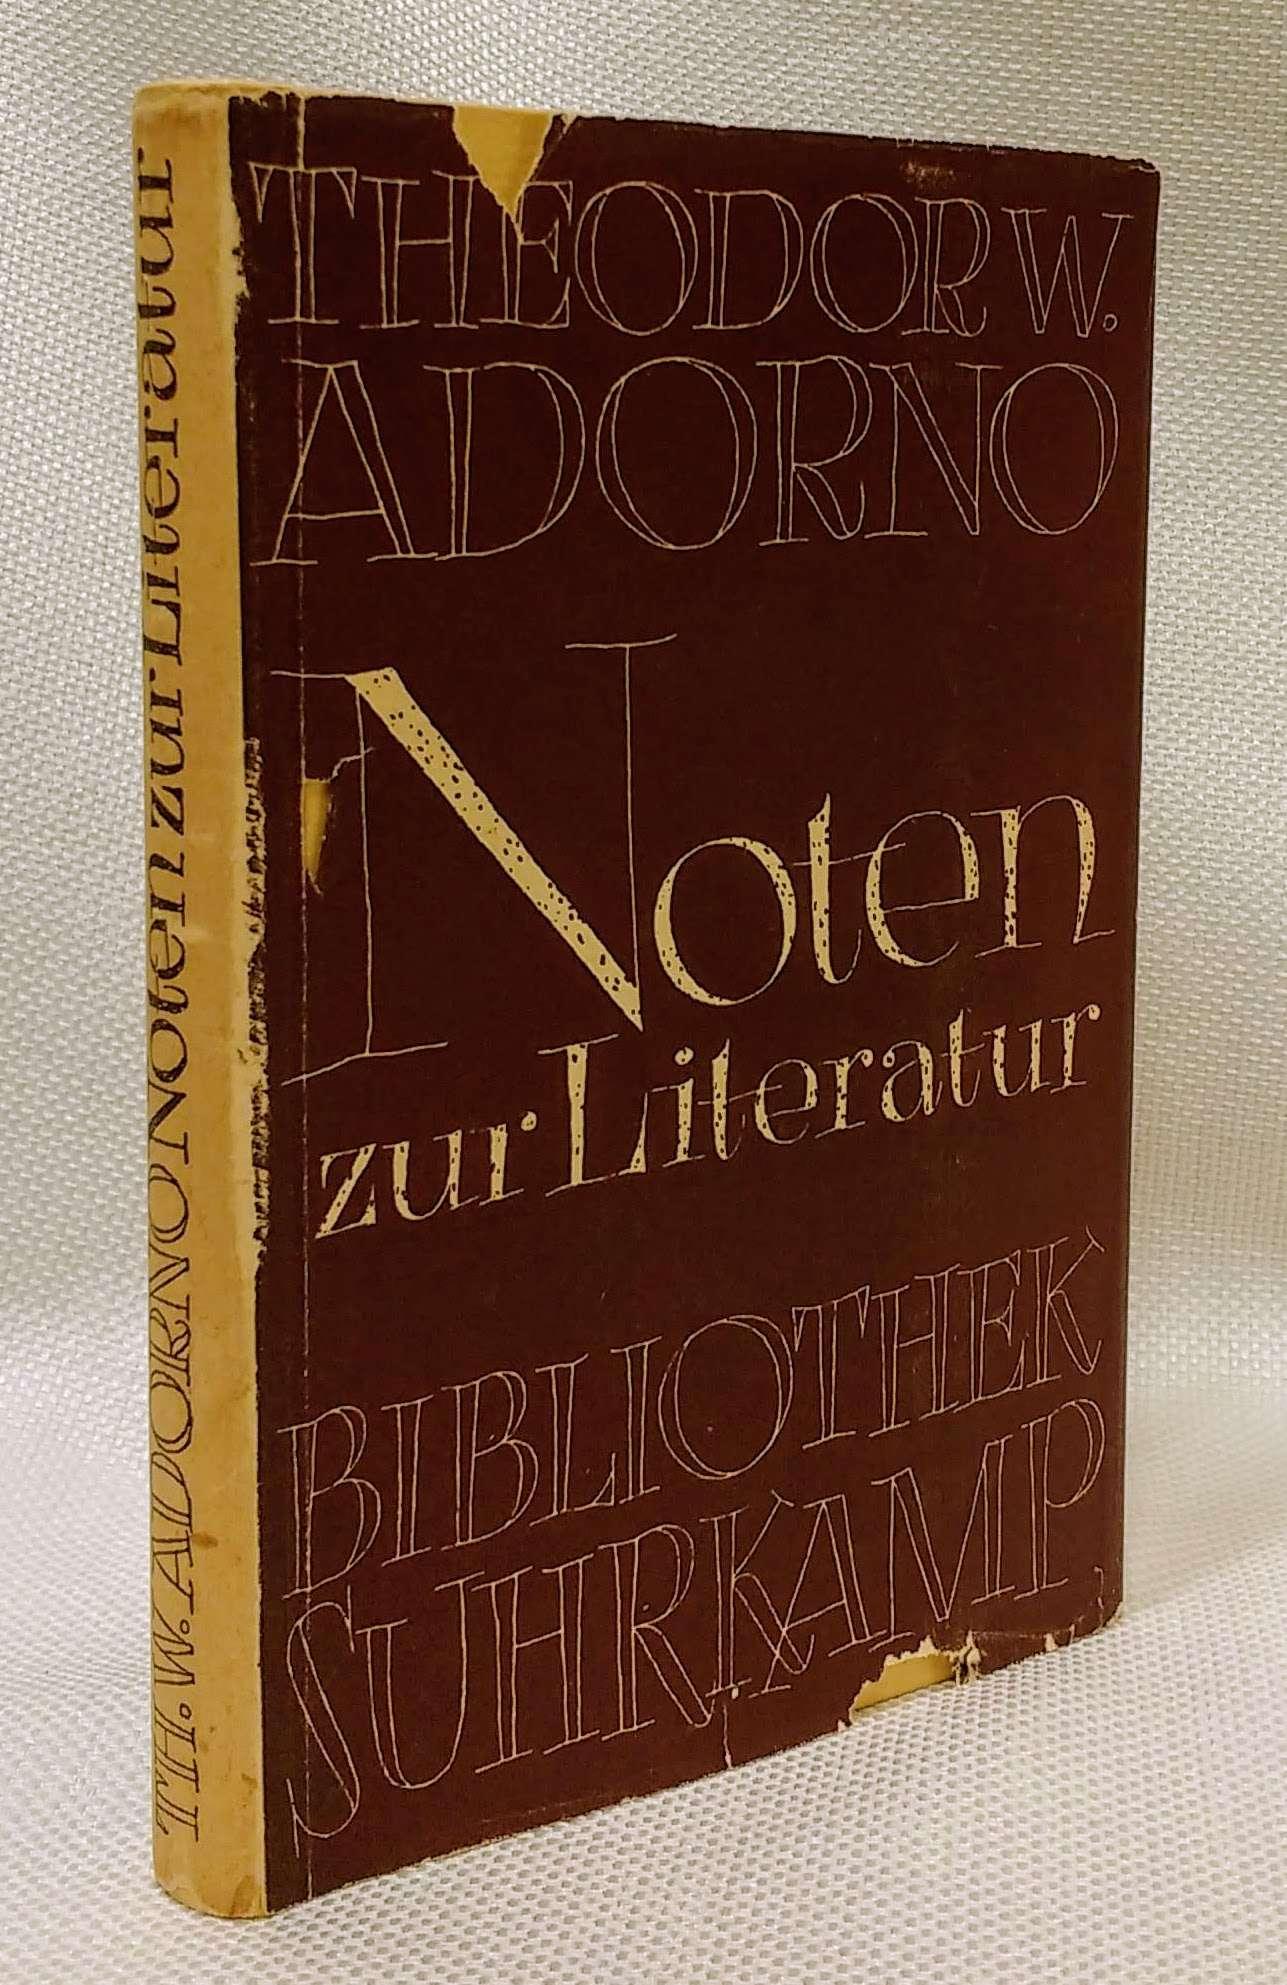 Noten zur Literatur, Adorno, Theodor